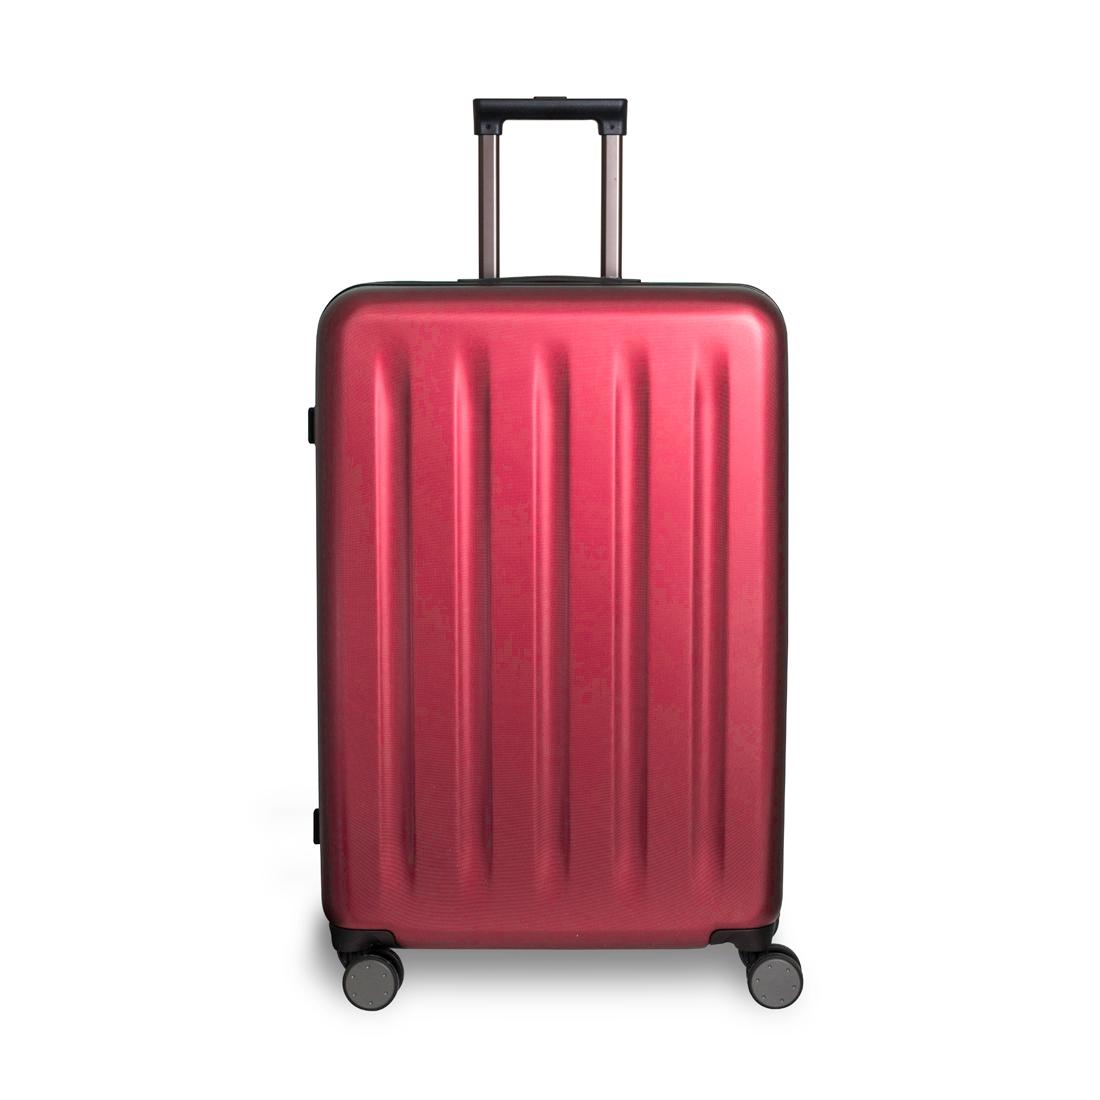 Чемодан Mi Trolley 90 Points Suitcase (Danube luggage) 20